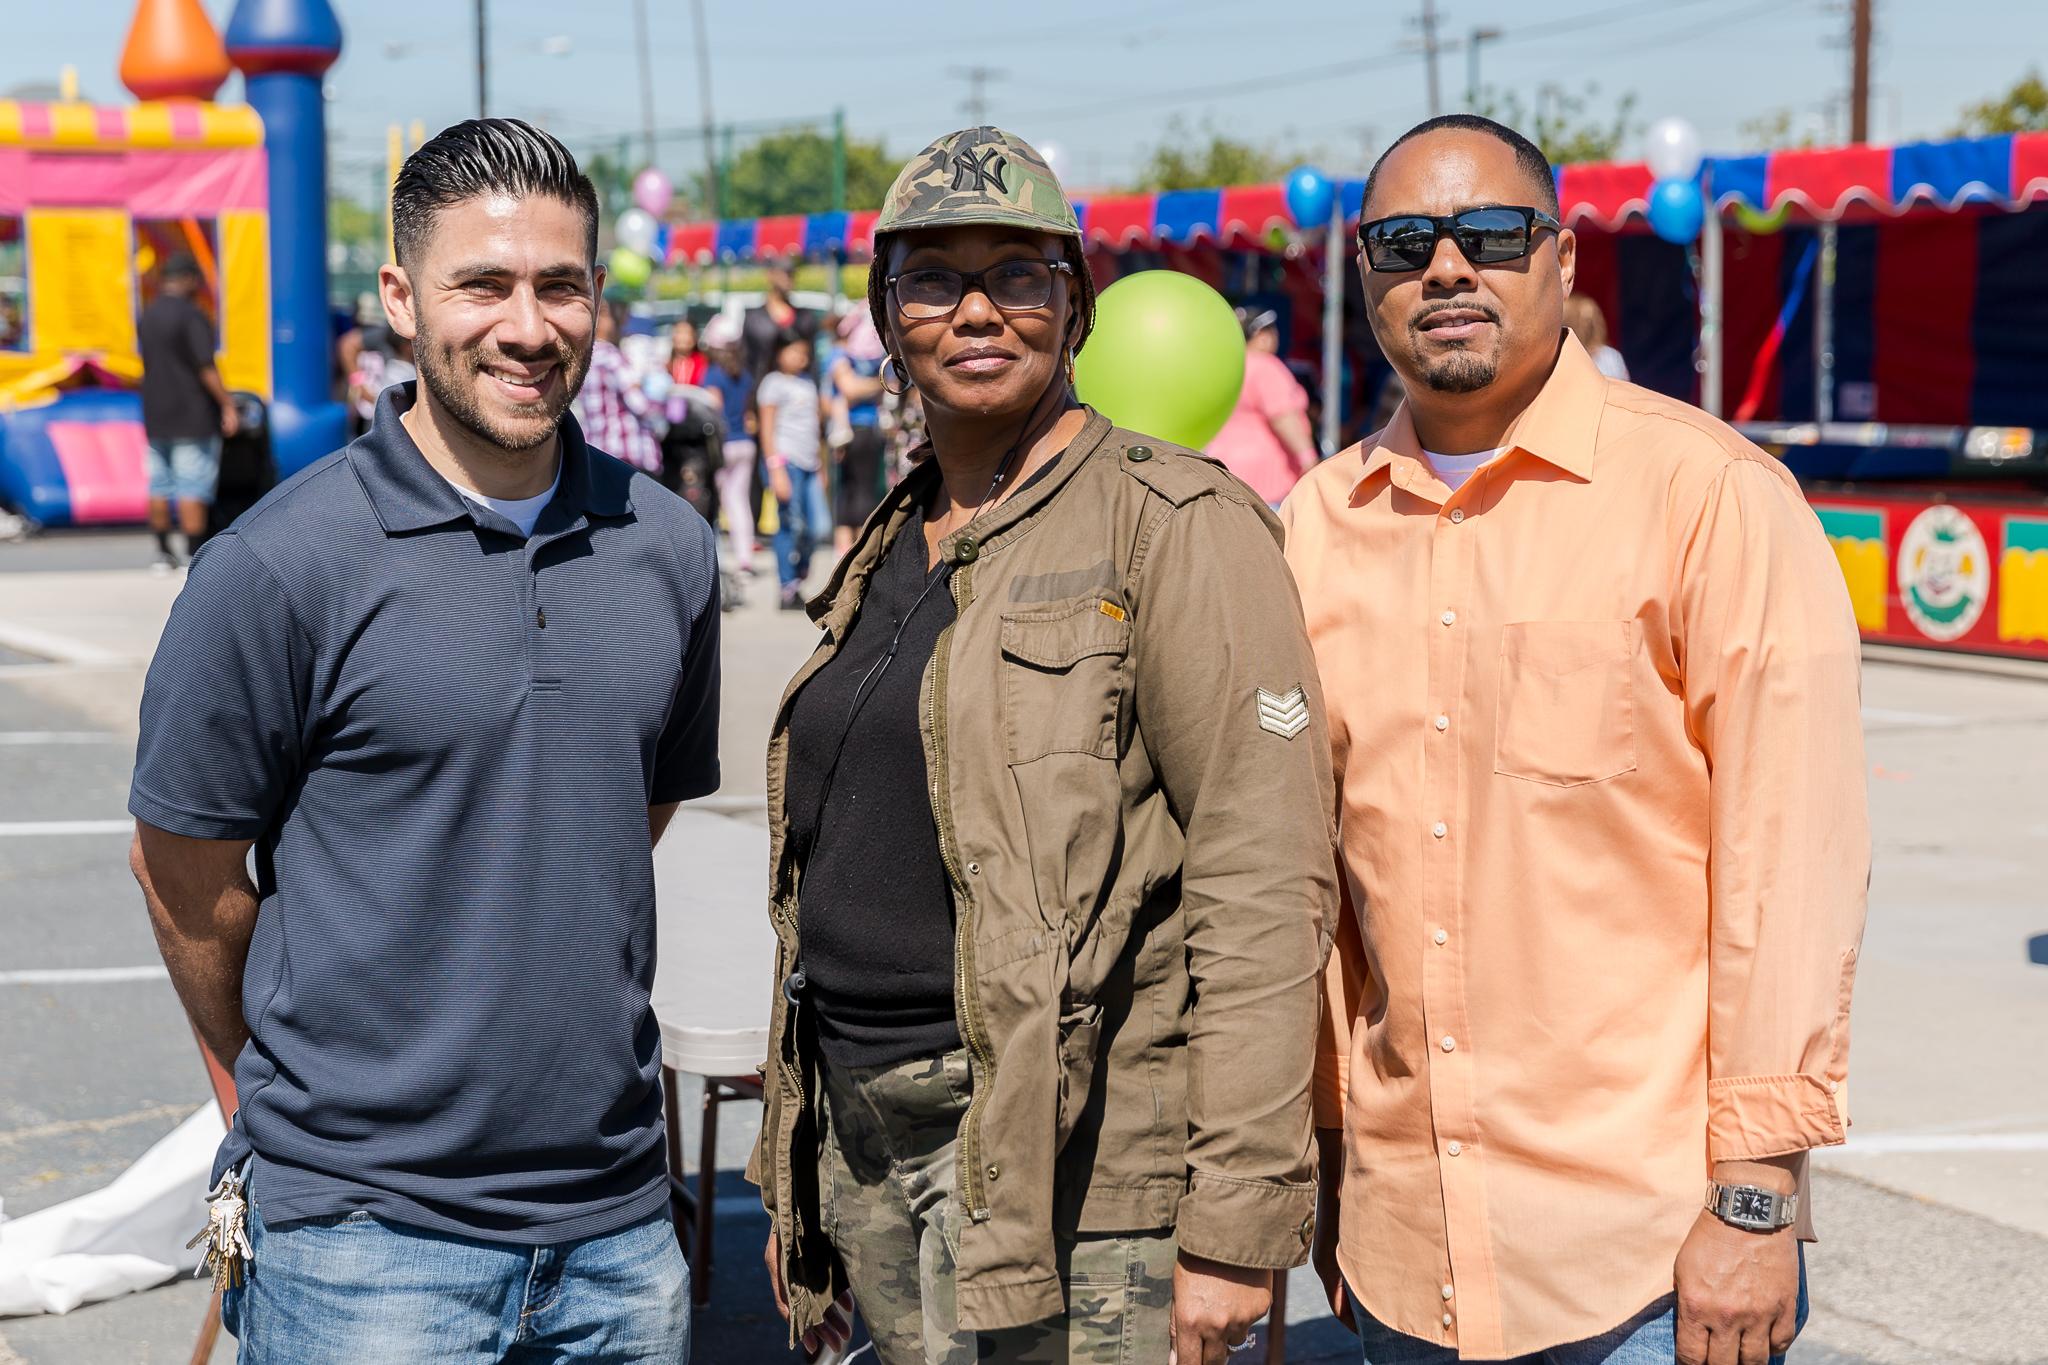 Parks & Rec staff